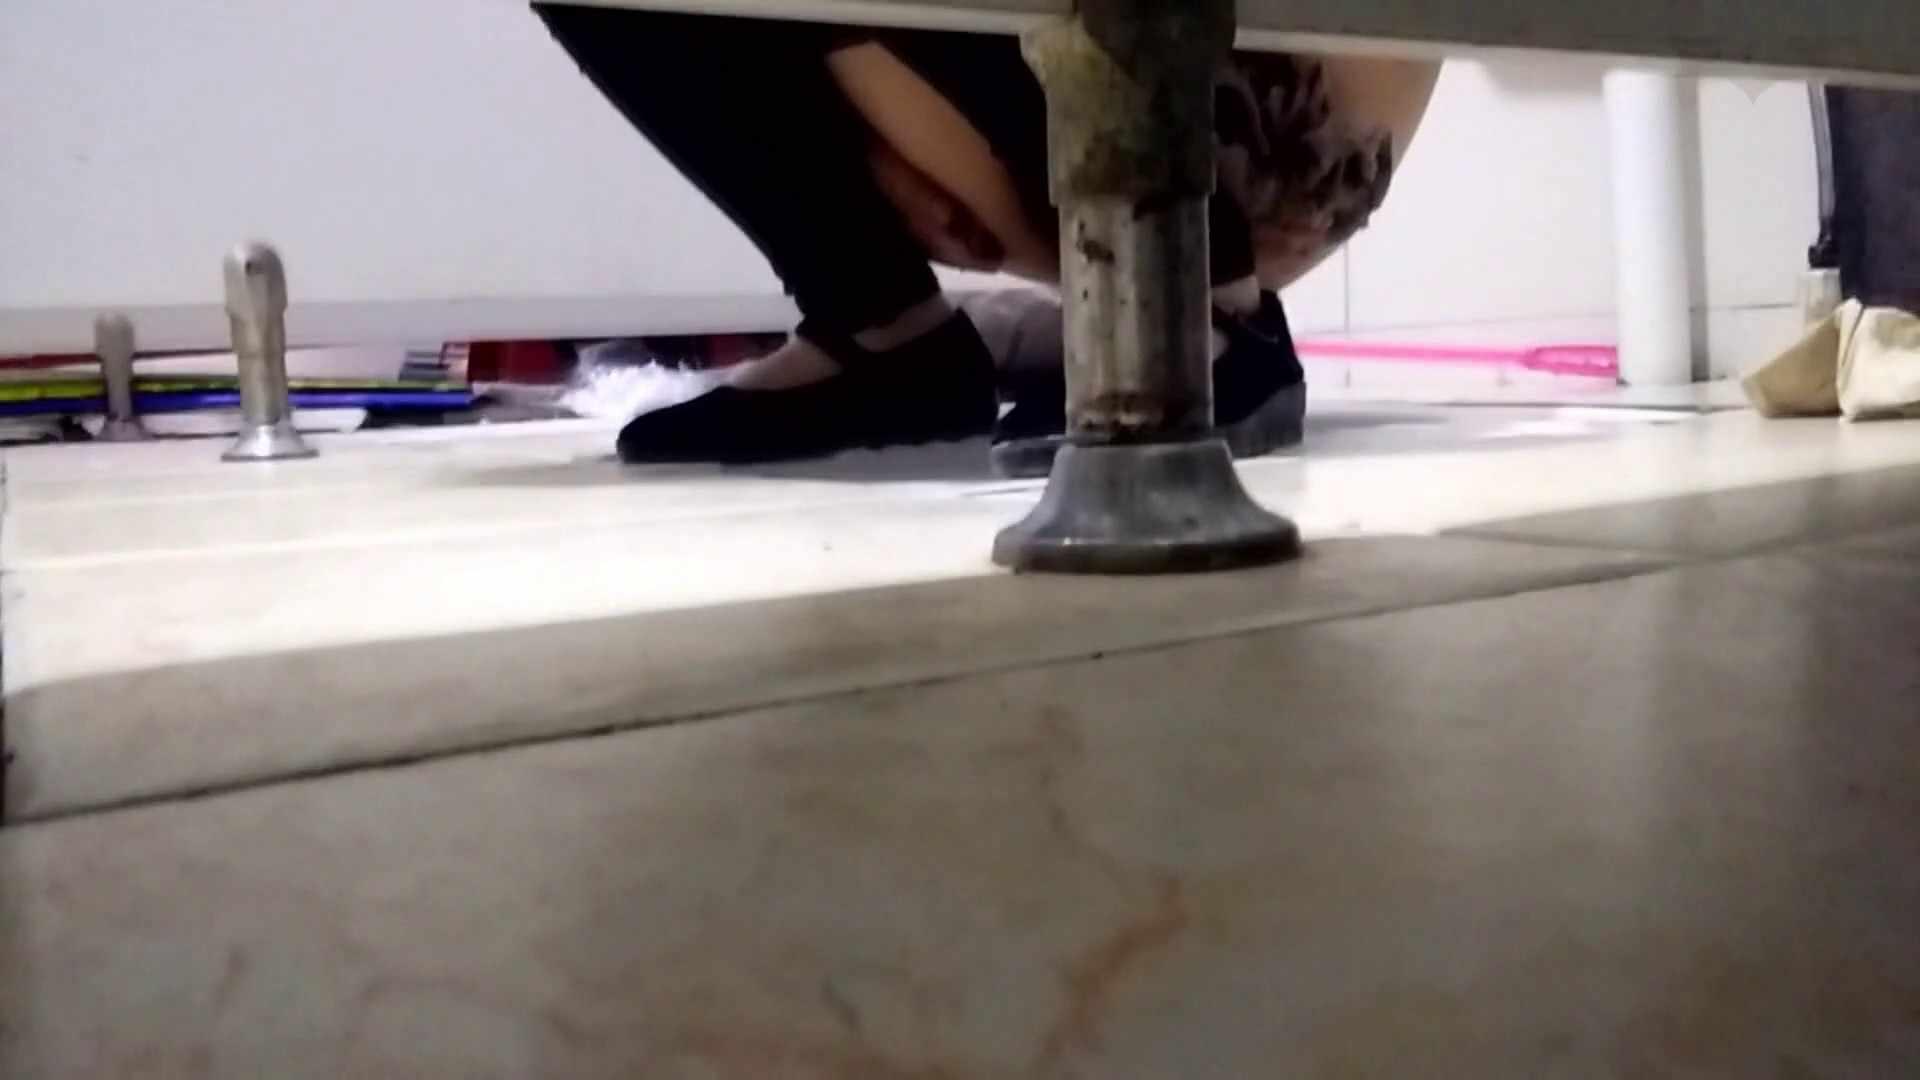 芸術大学ガチ潜入盗撮 JD盗撮 美女の洗面所の秘密 Vol.105 エッチすぎる美女  83連発 48